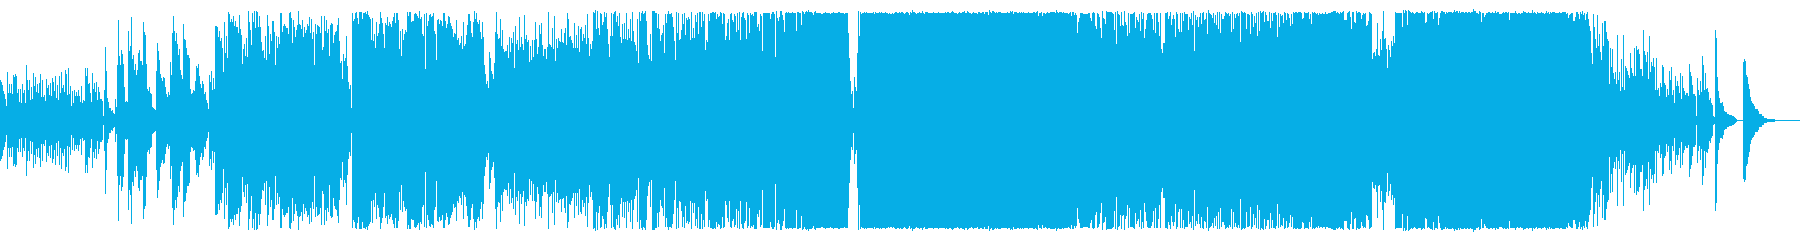 アコギの旋律が印象的なロックバラードの再生済みの波形